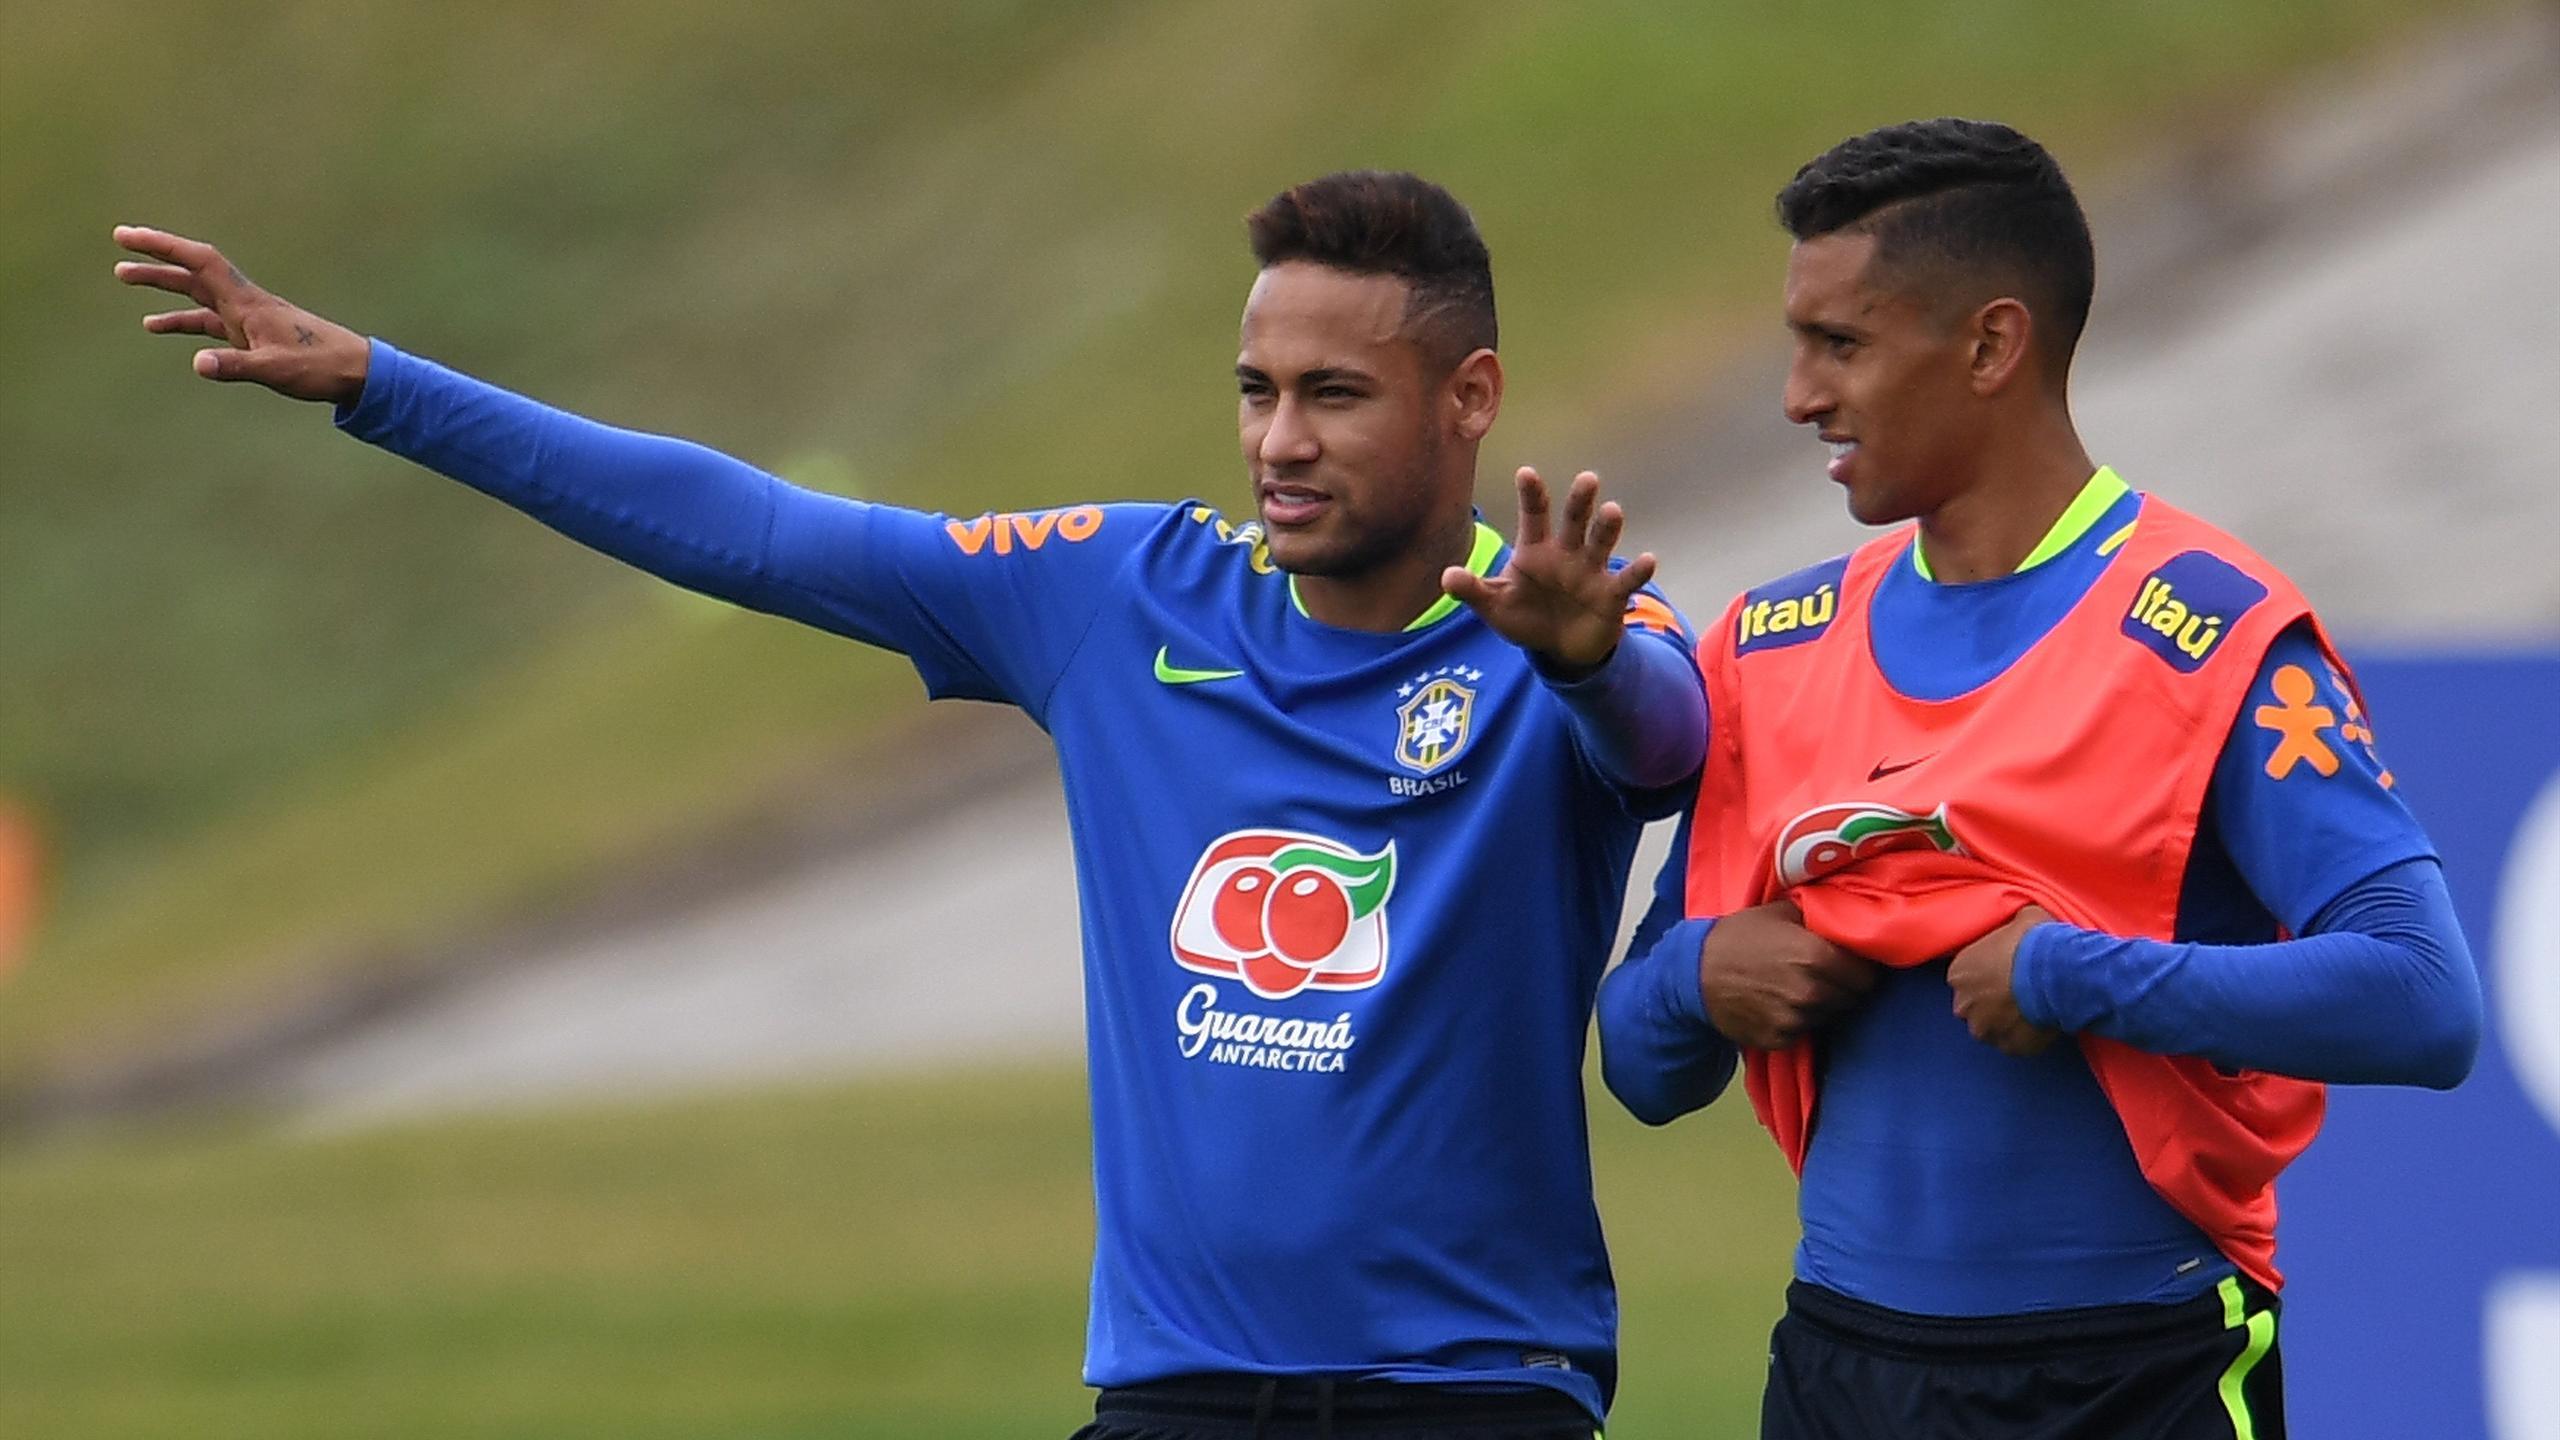 Neymar et Marquinhos à l'entraînement avec la Seleçao avant les Jeux Olympiques de Rio